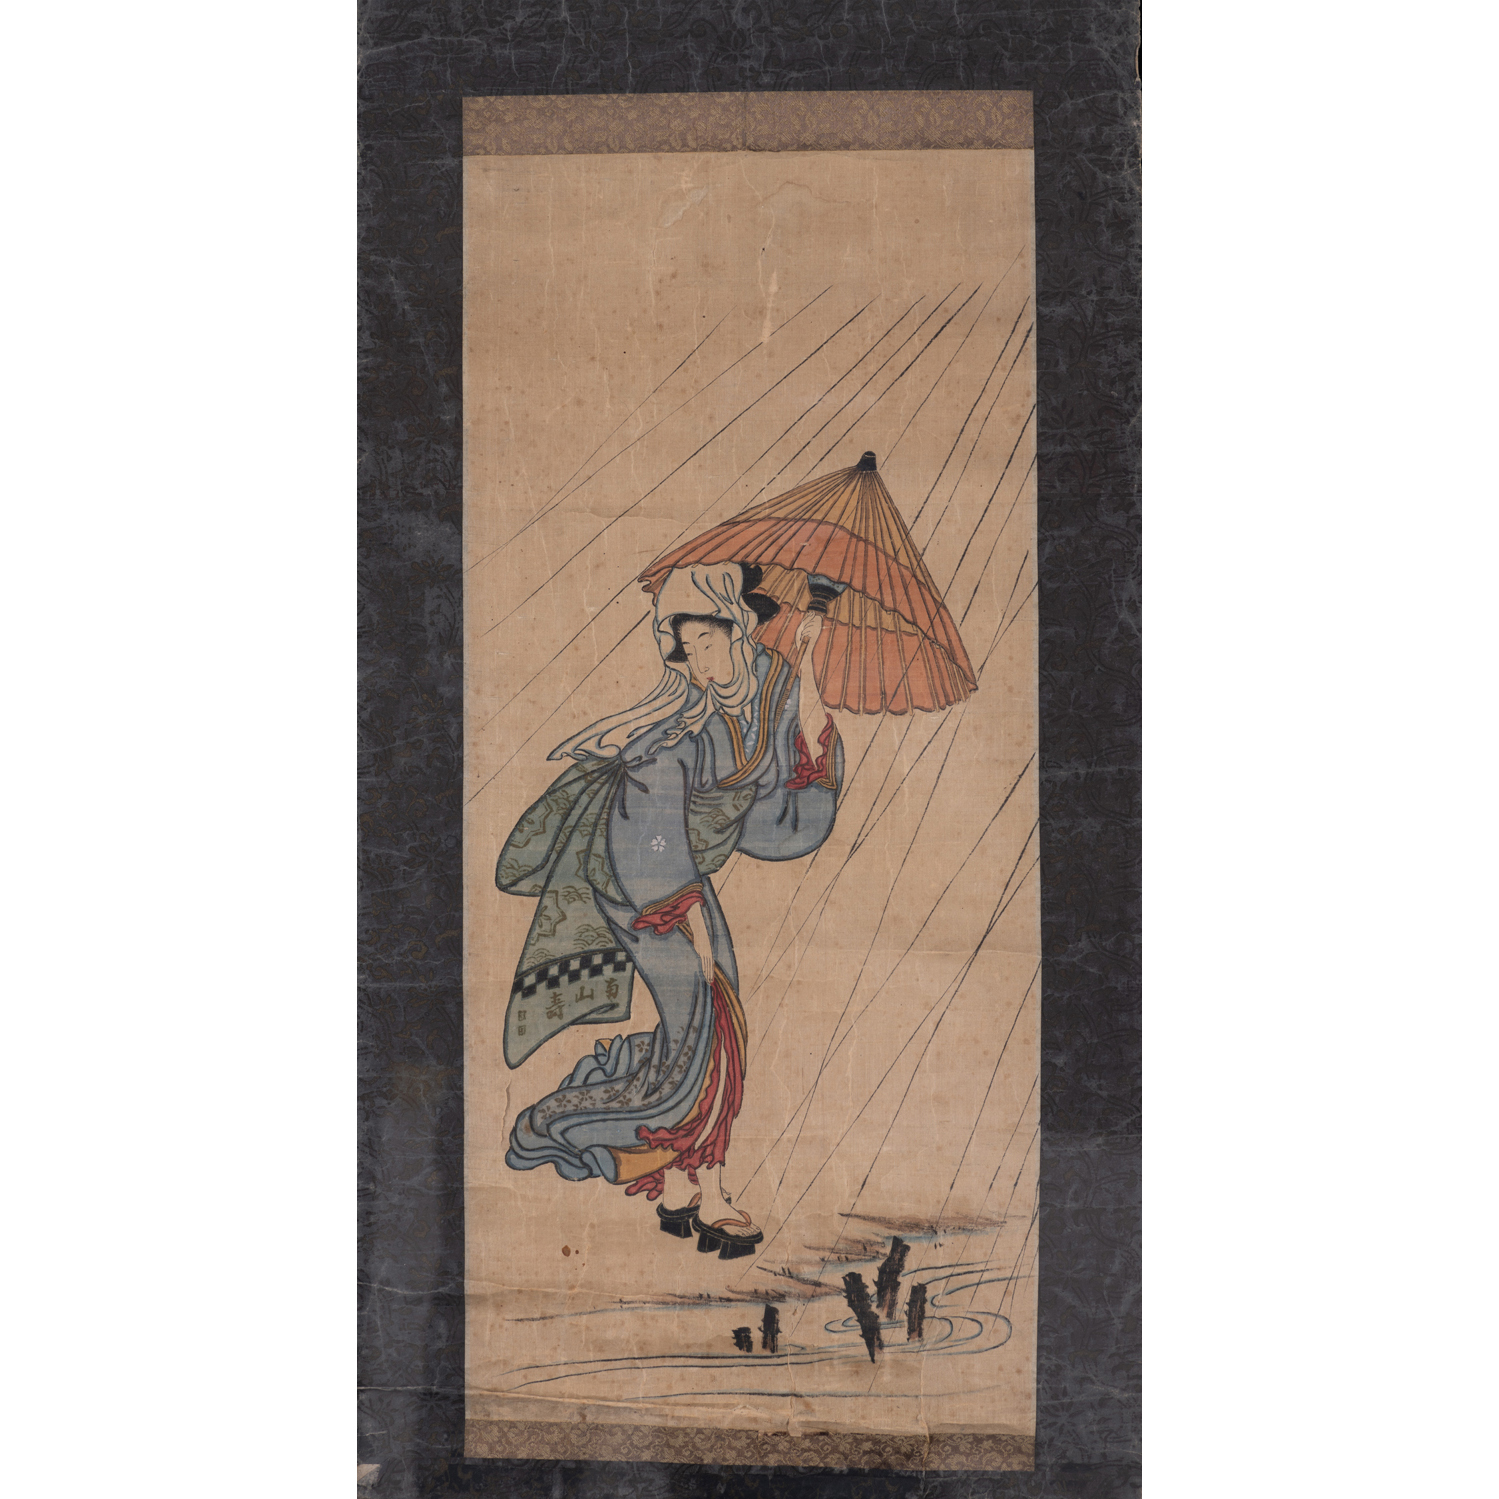 Japon Xixe Siecle Ensemble De Deux Peintures Encre Et Couleurs Sur Papier Et Soie Une Representant